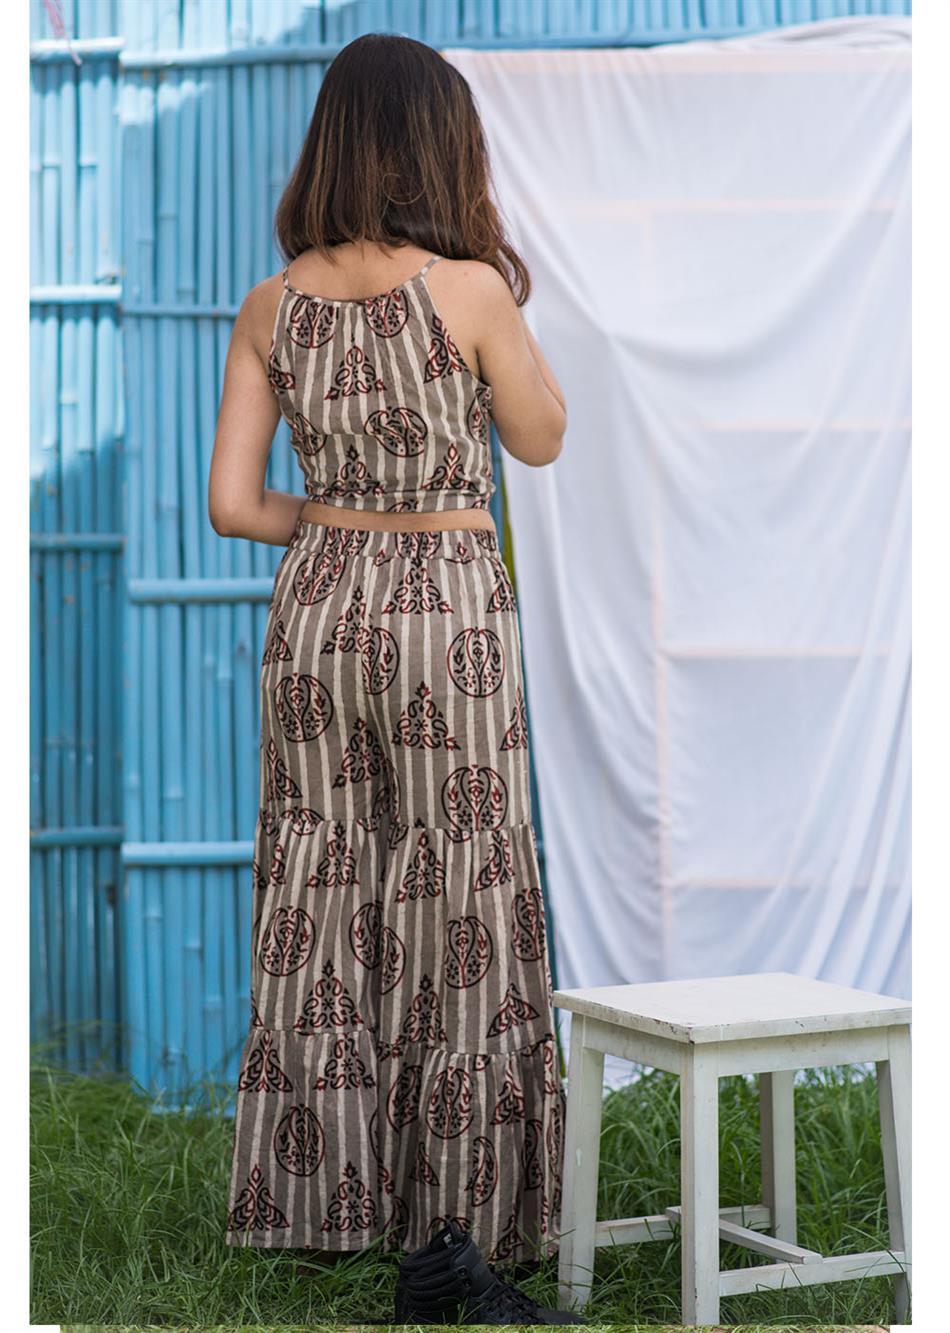 a la mode... (co-ord set) By Jovi Fashion